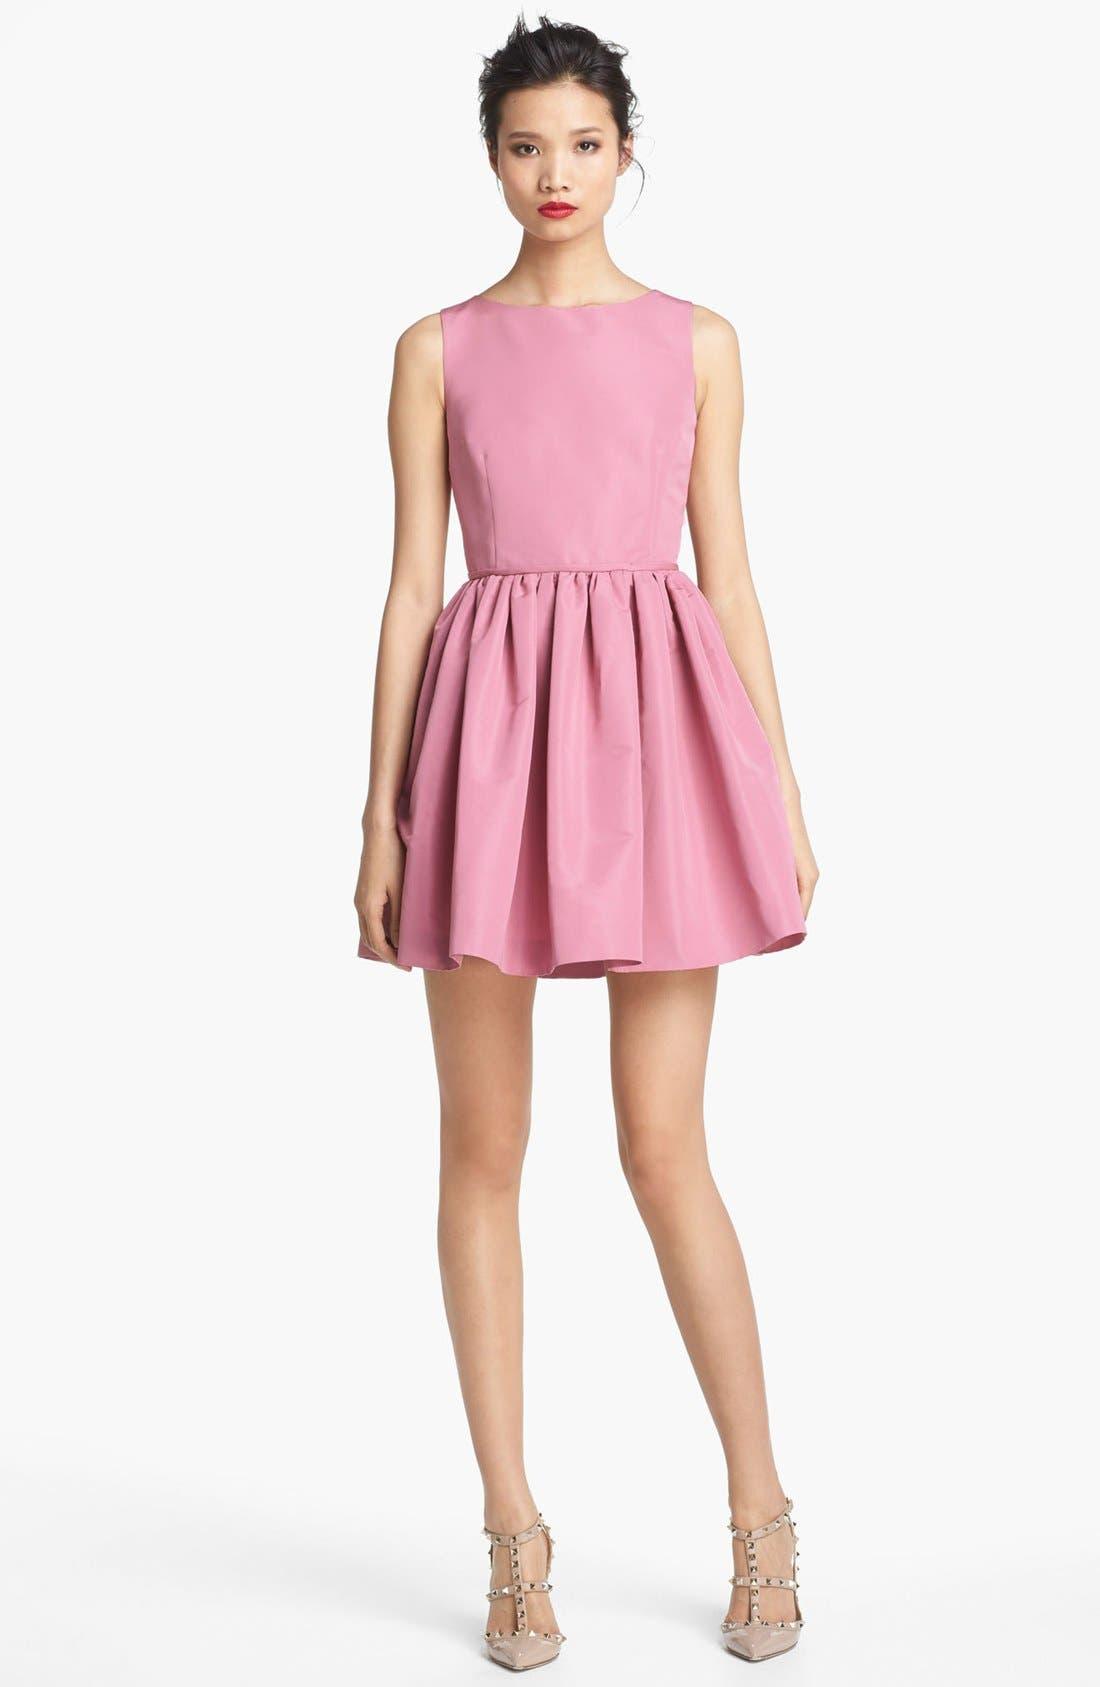 Alternate Image 1 Selected - RED Valentino Full Skirt Faille Dress